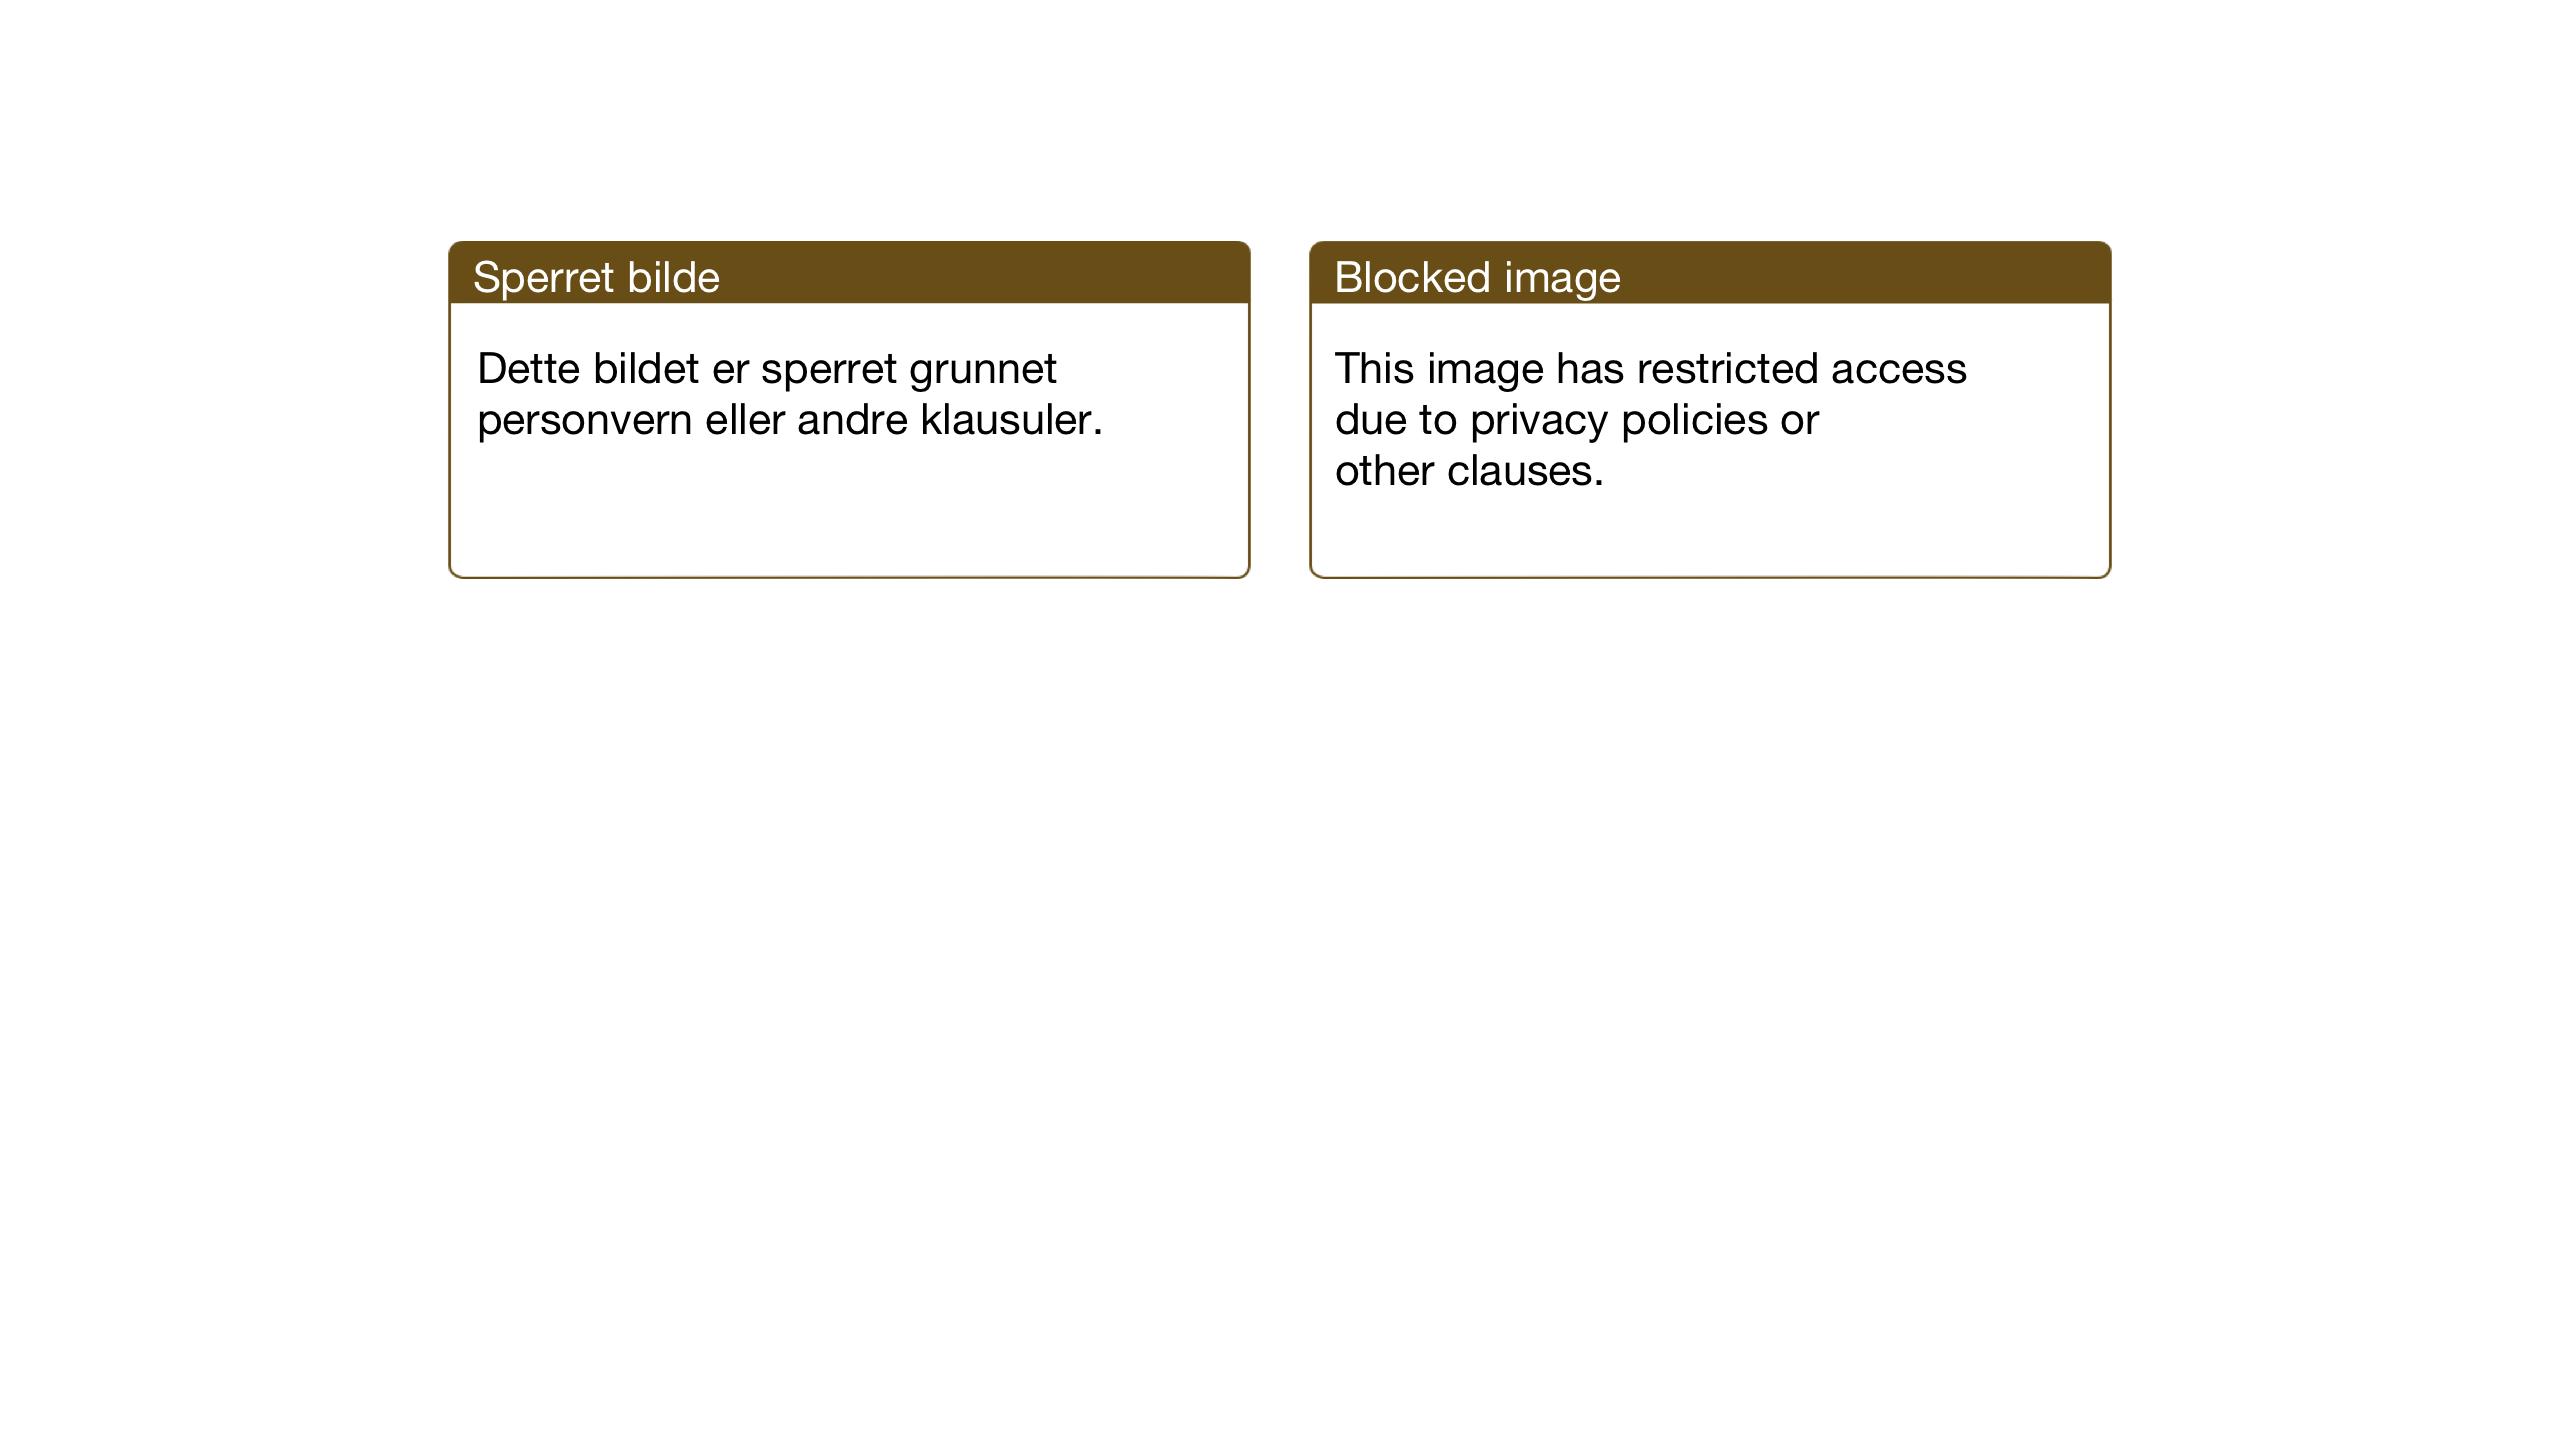 SAT, Ministerialprotokoller, klokkerbøker og fødselsregistre - Nord-Trøndelag, 722/L0227: Klokkerbok nr. 722C03, 1928-1958, s. 44